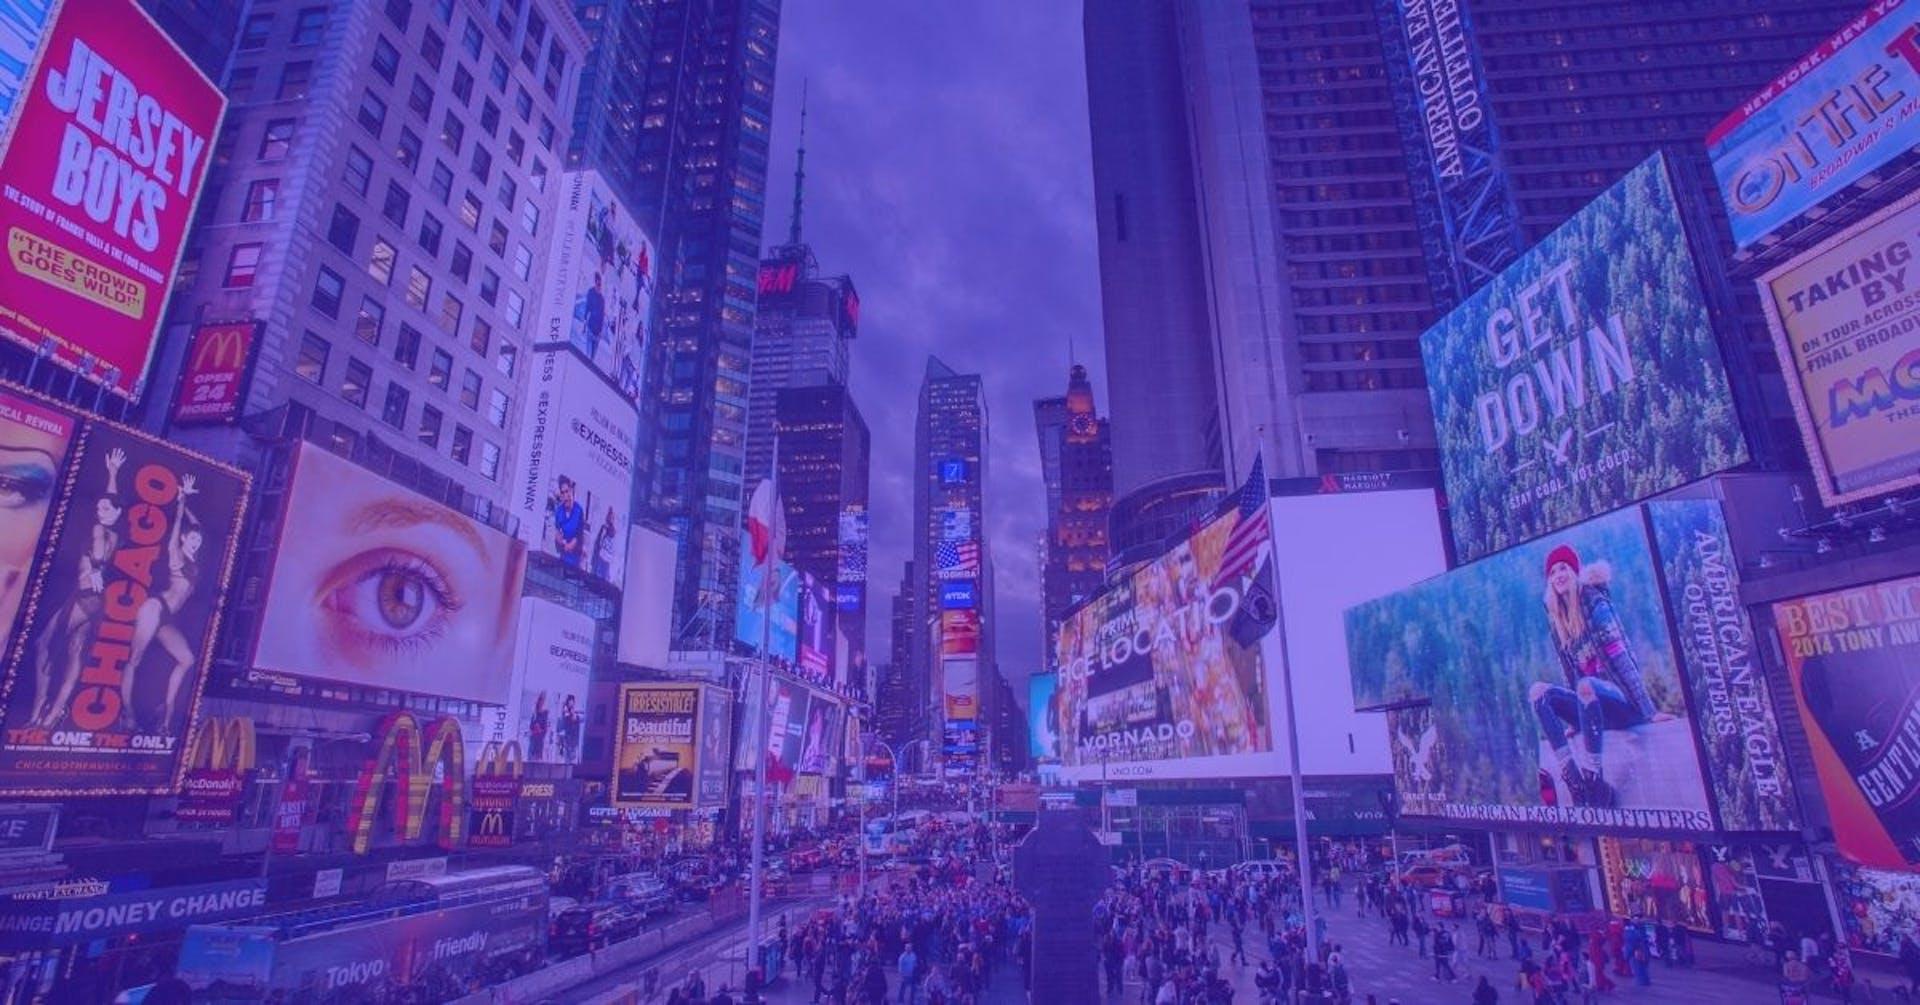 Descubre qué son los anuncios publicitarios e incrementa las ventas de tu negocio